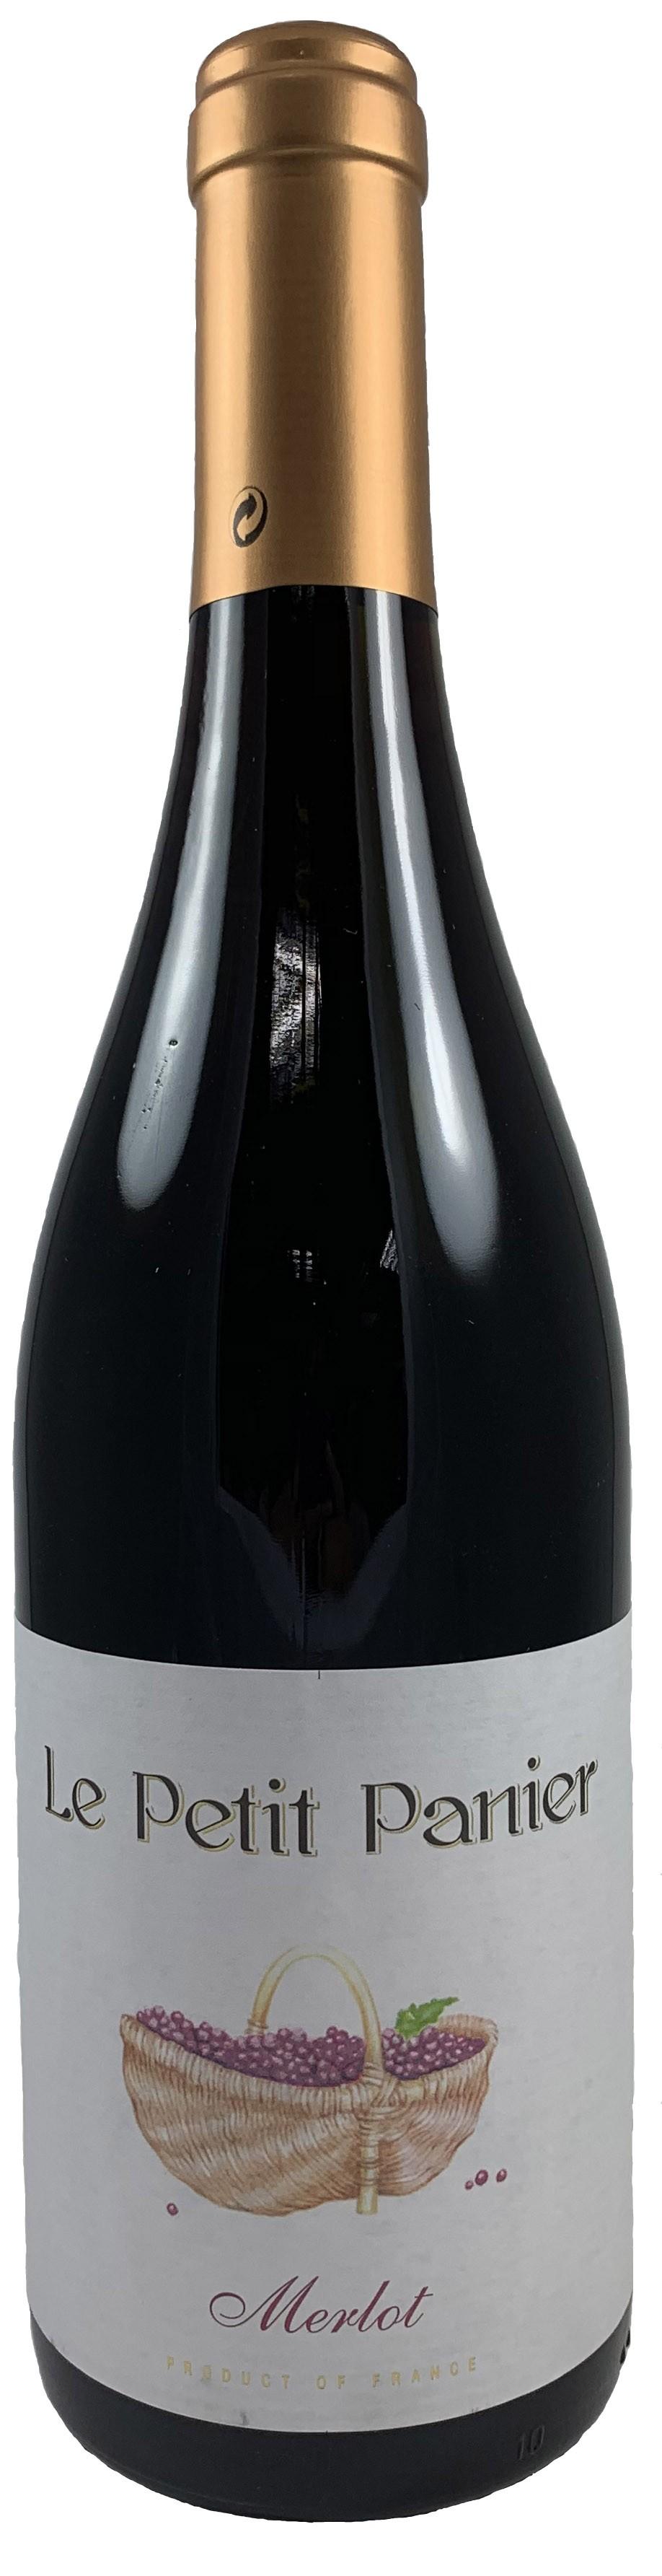 法國西南產區小籃子梅洛紅葡萄酒 2017